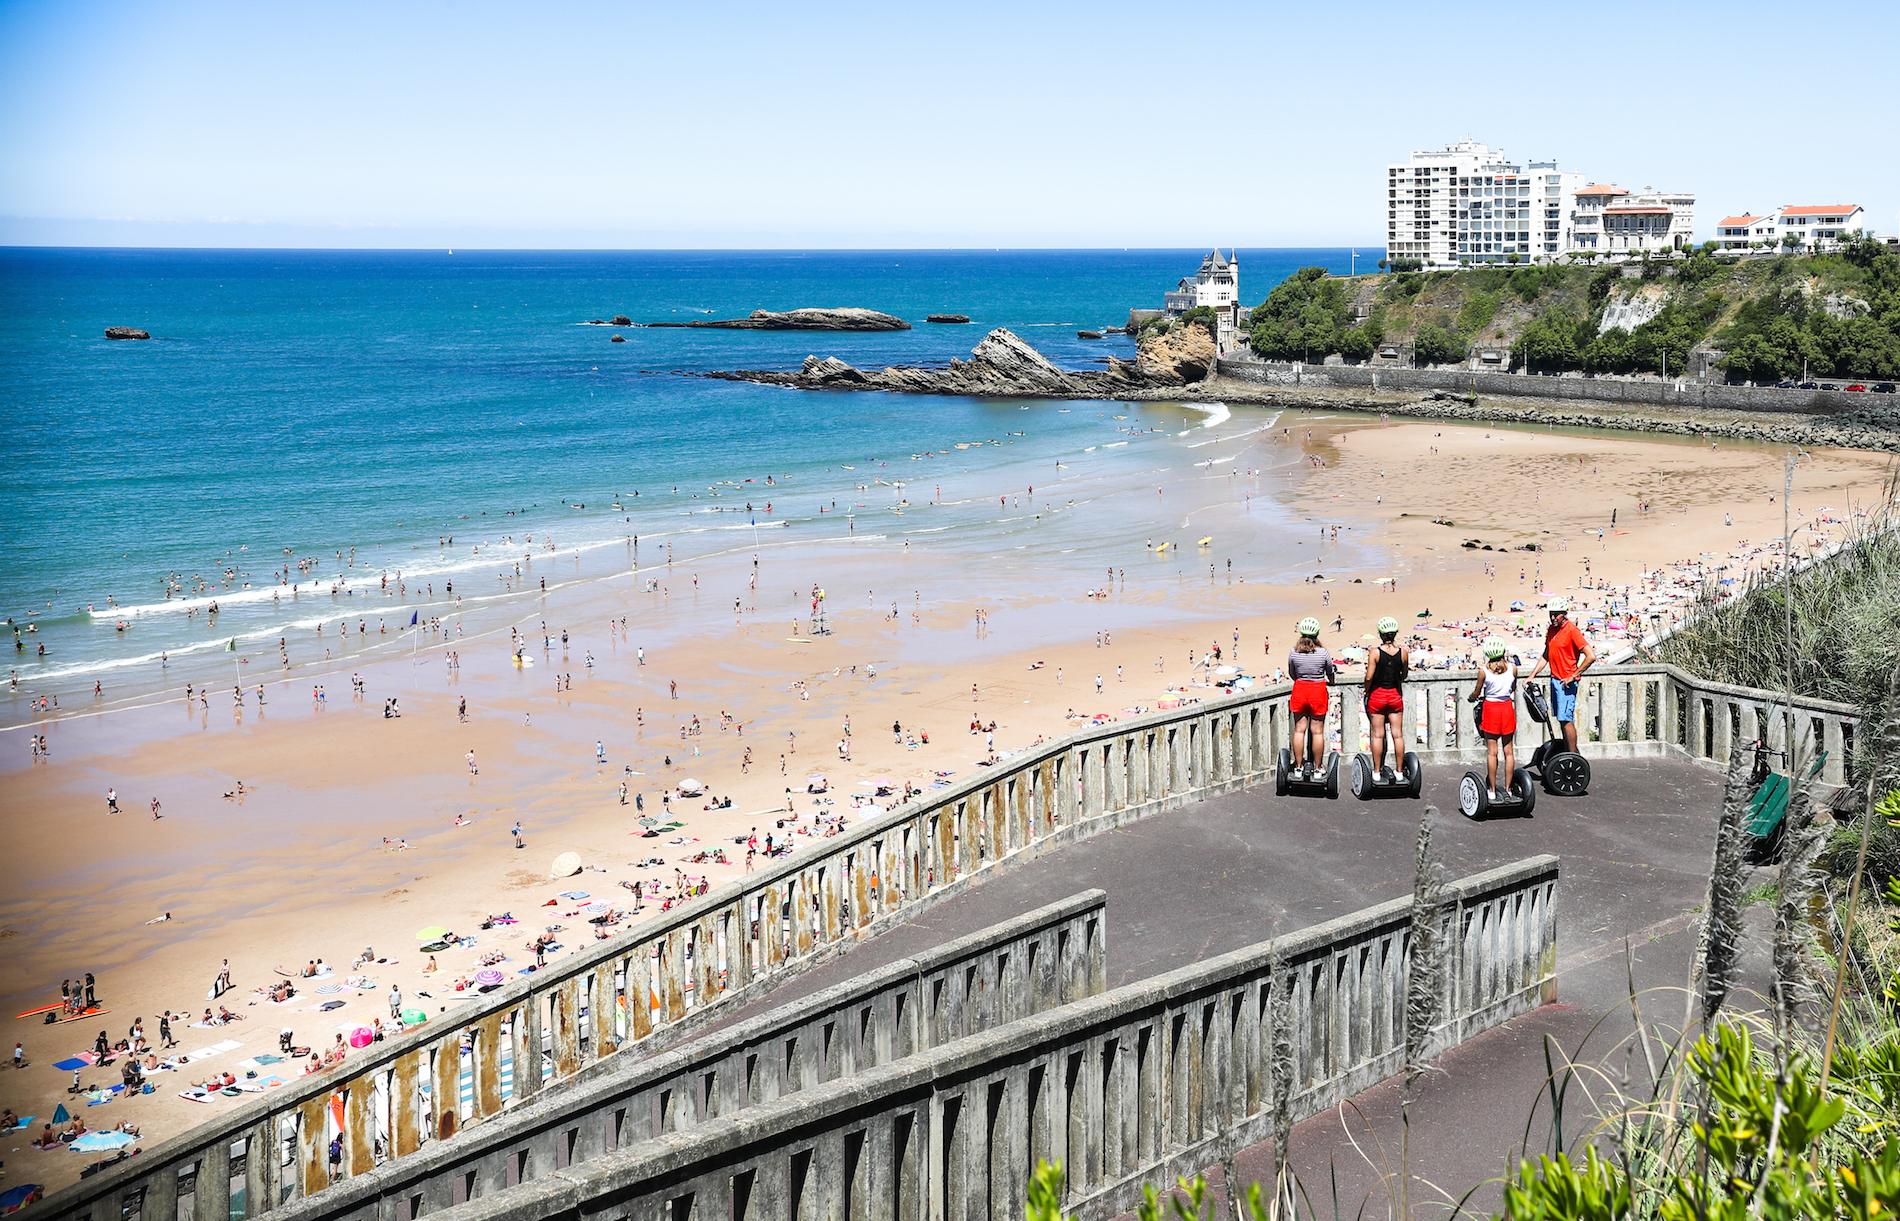 Balades Segway biarritz